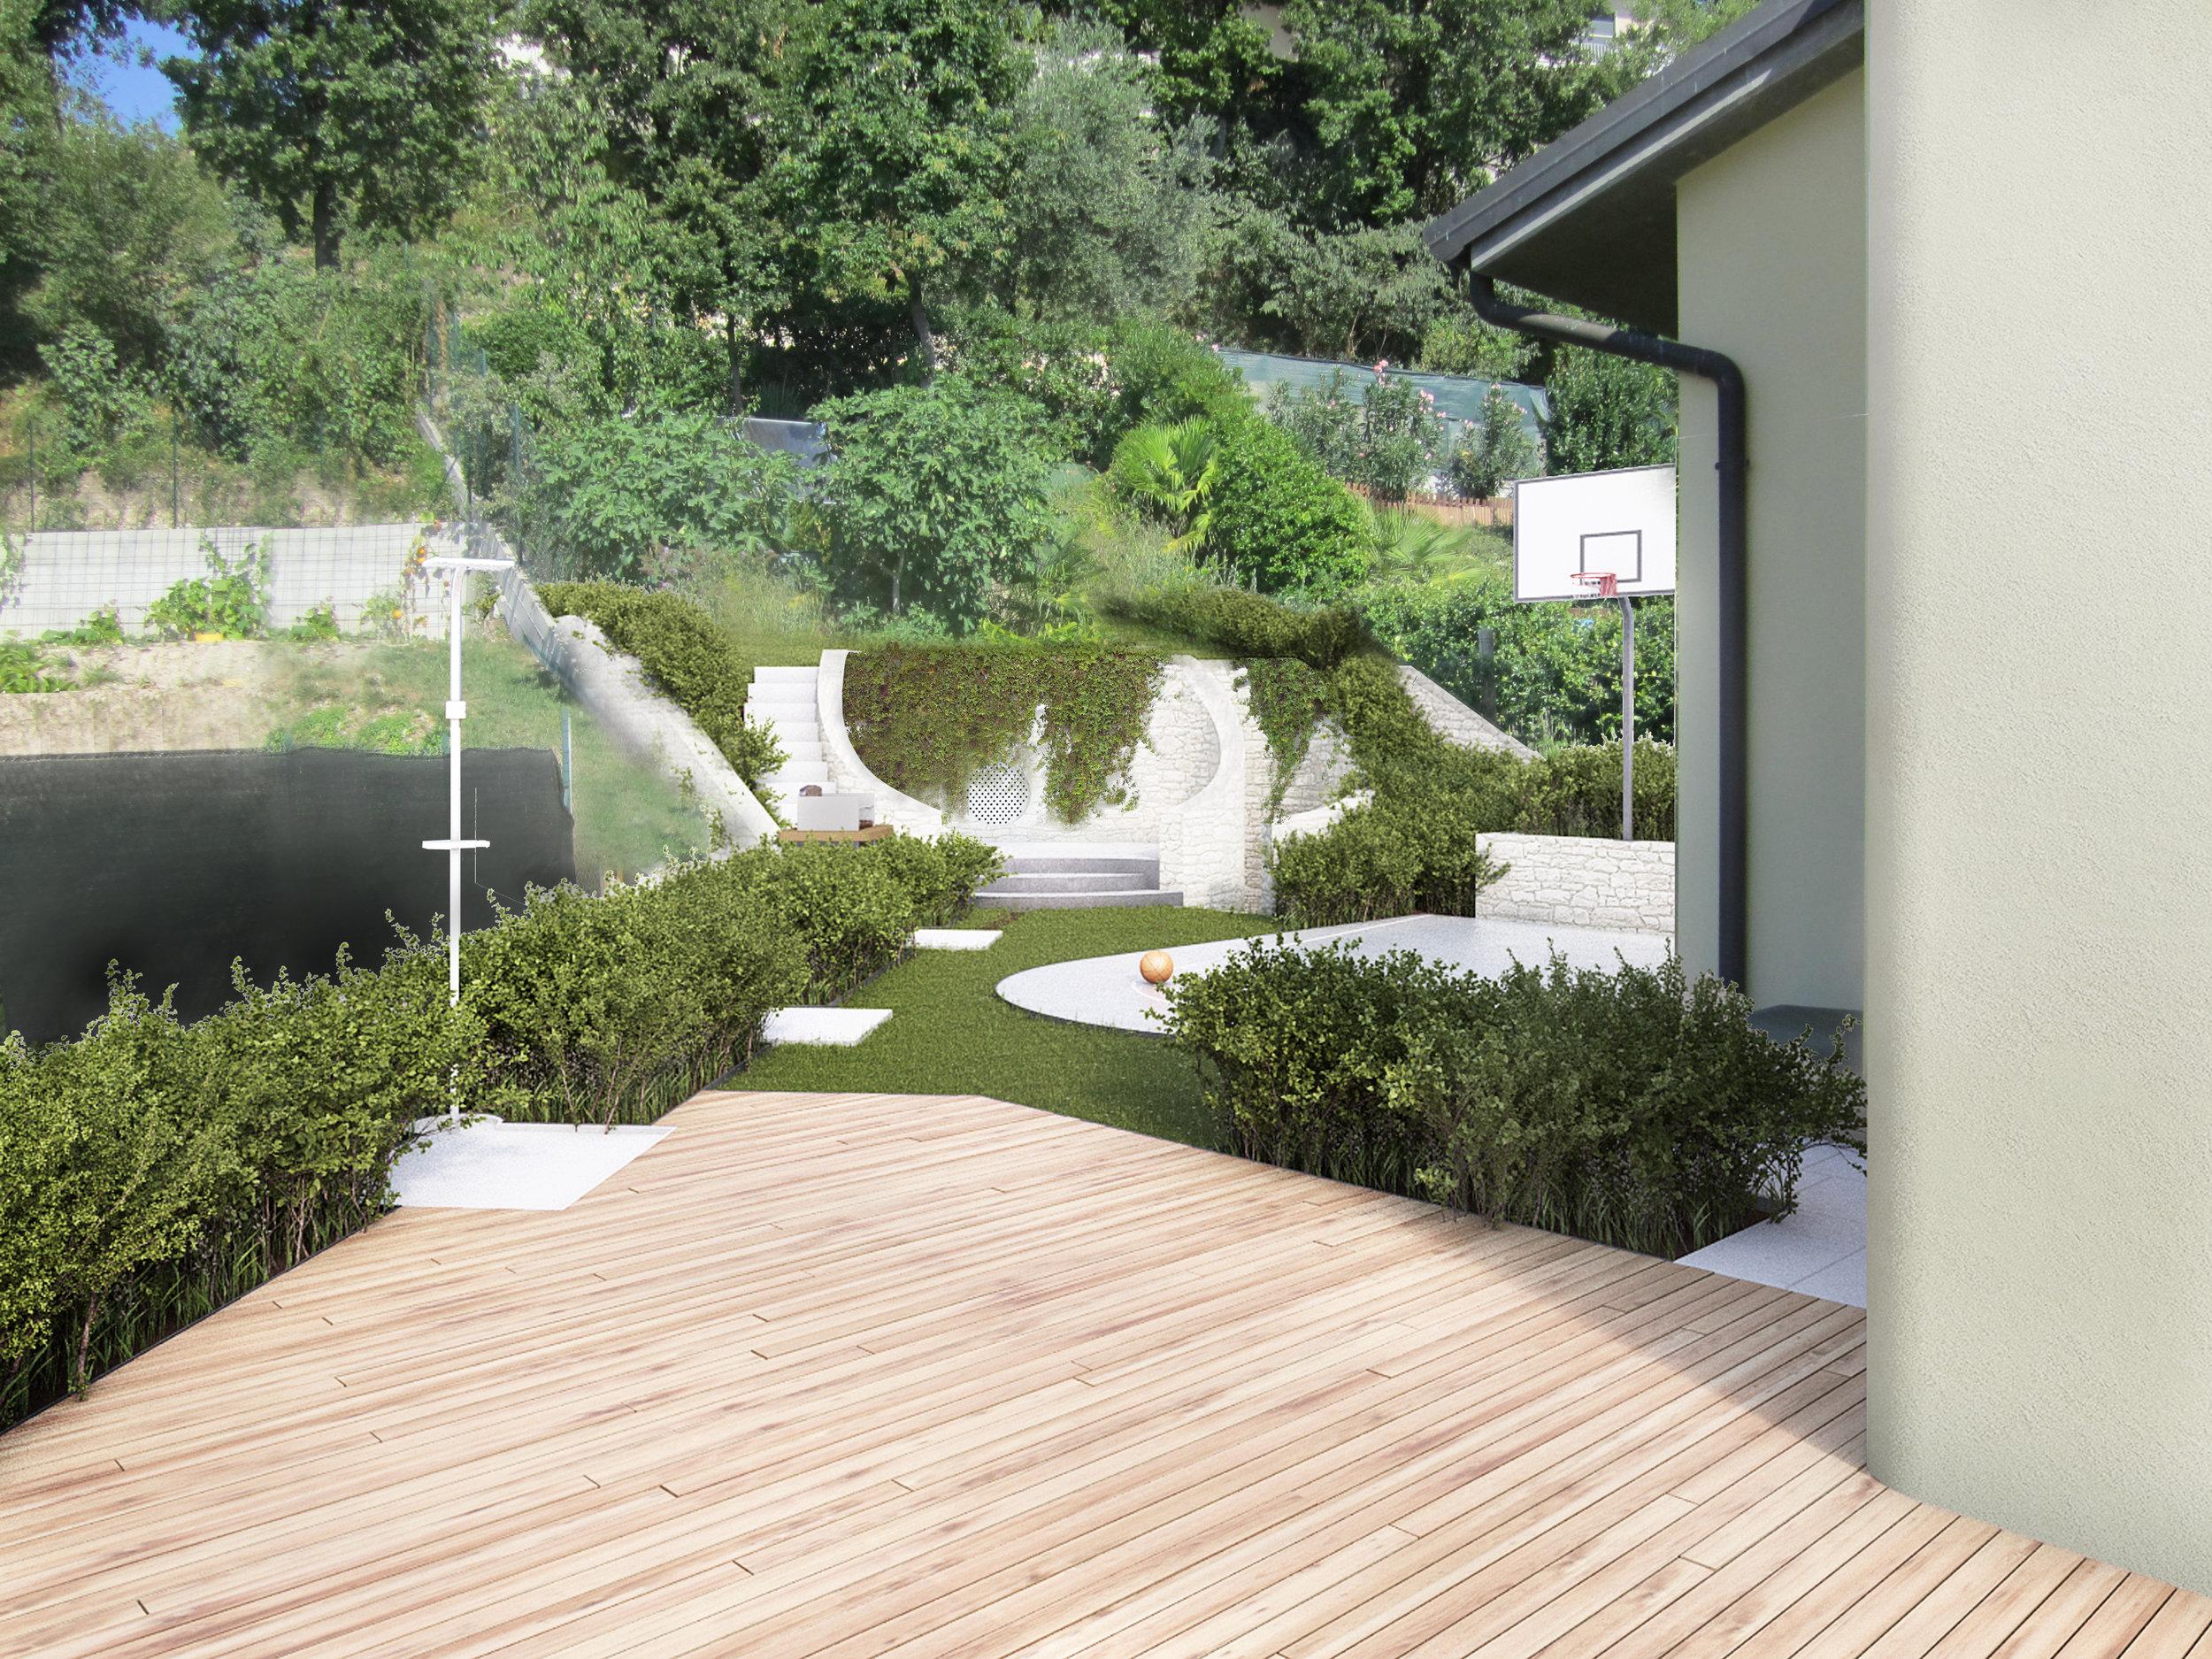 giardino_privato_render_esterno_cortile